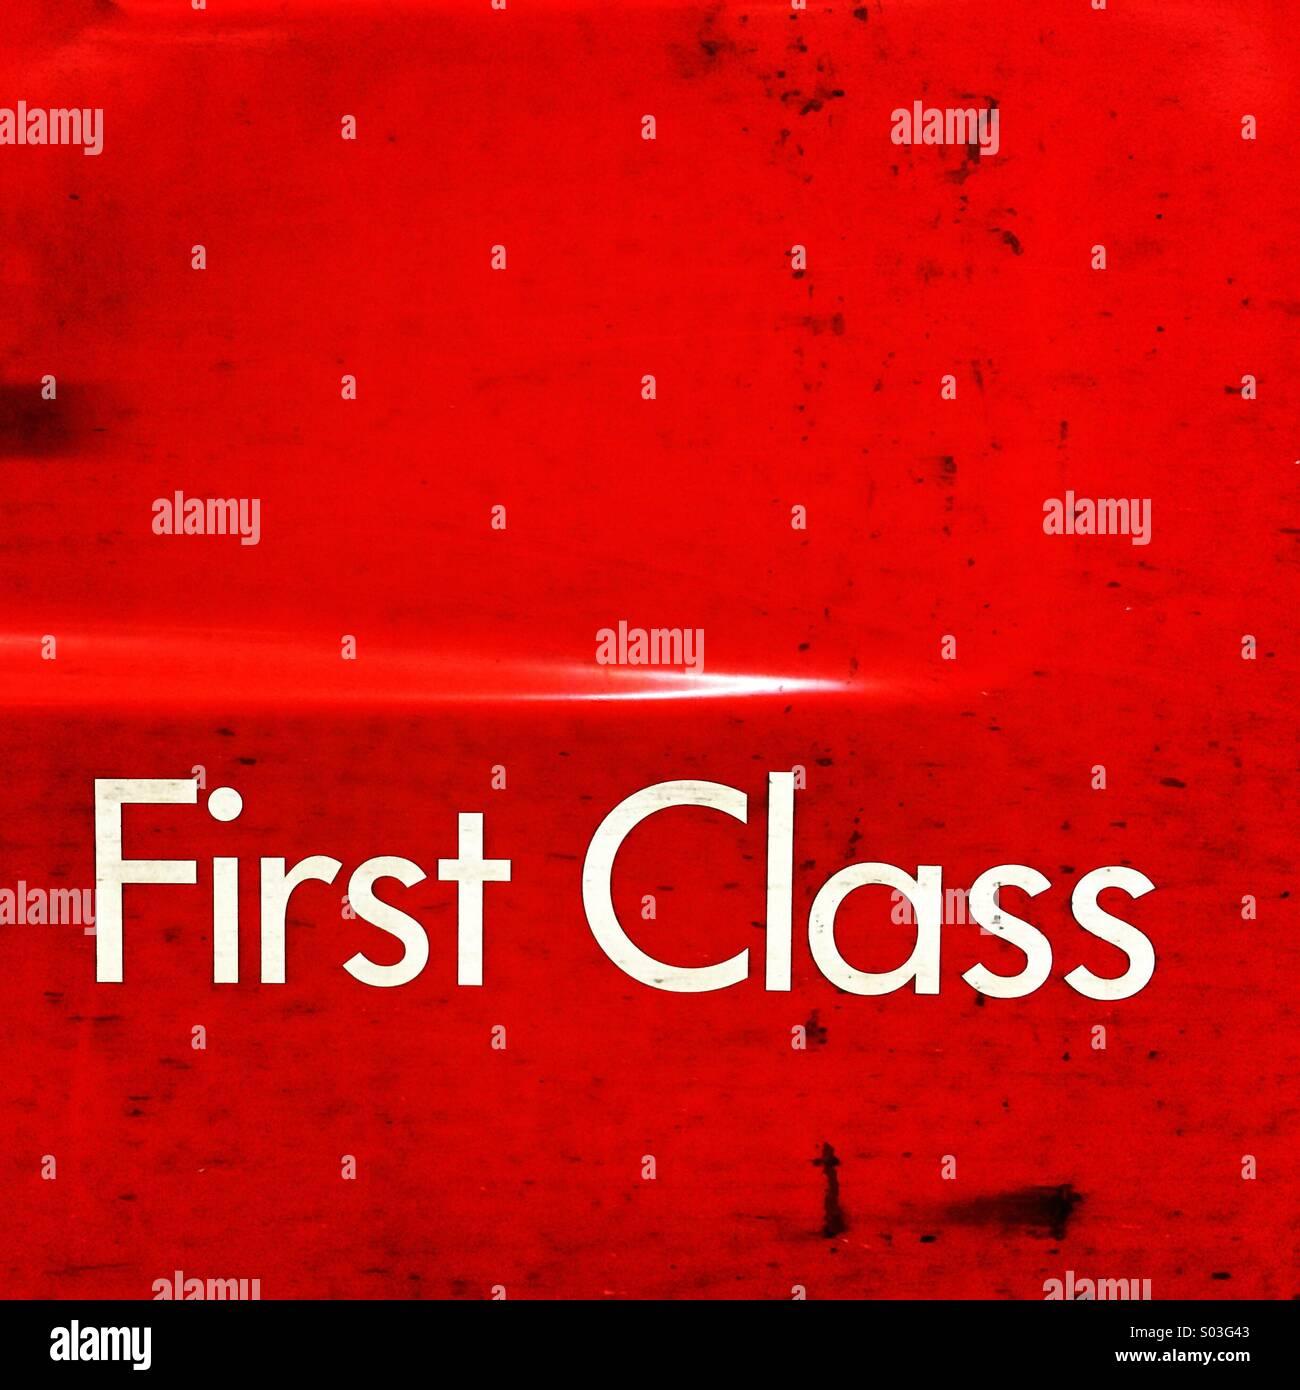 Première Classe enseigne sur un train rouge sale porte. Photo Stock